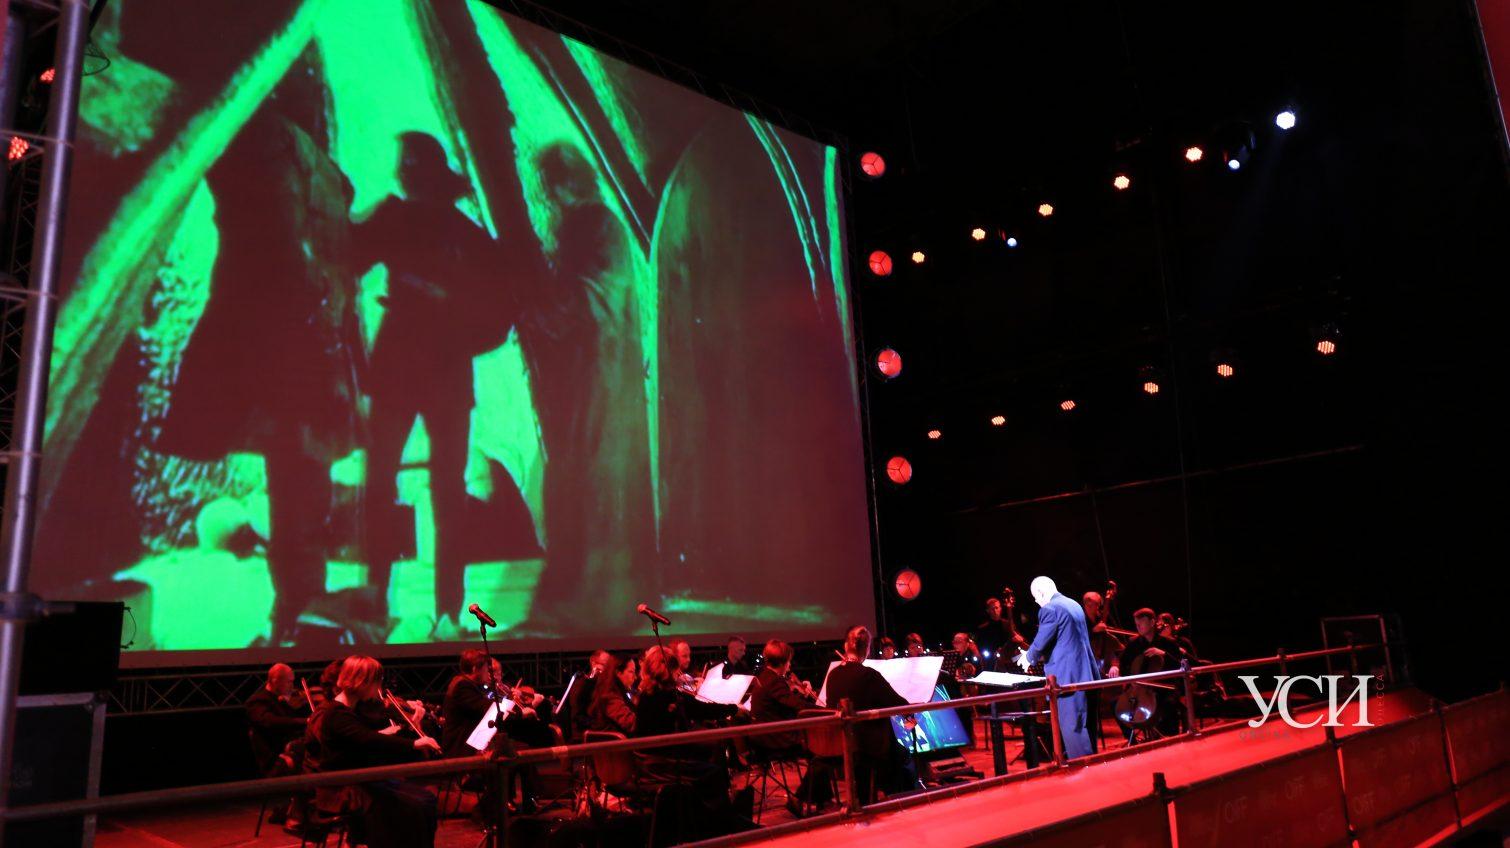 Open-air перформанс: на Потемкинской лестнице показали «Голем, как он пришел в мир» (фоторепортаж) «фото»